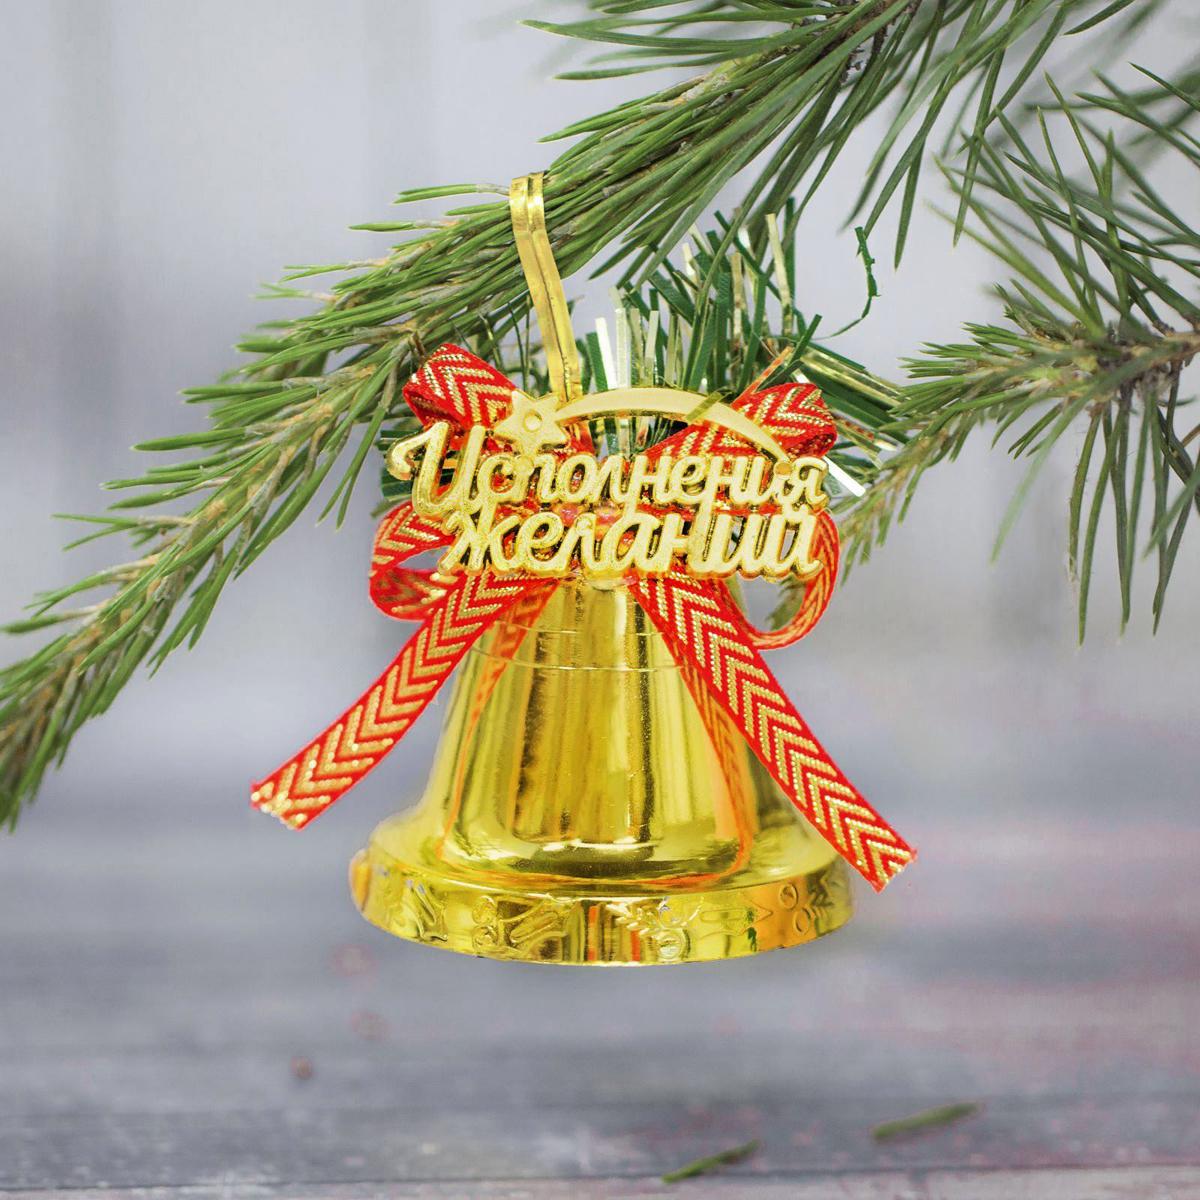 Новогоднее подвесное украшение Sima-land Колокольчик. С Новым годом, 5,5 х 6 см. 23067502306750Новогоднее подвесное украшение Sima-land отлично подойдет для декорации вашего дома и новогодней ели. Новогоднее украшение можно повесить в любом понравившемся вам месте. Но, конечно, удачнее всего оно будет смотреться на праздничной елке.Елочная игрушка - символ Нового года. Она несет в себе волшебство и красоту праздника. Такое украшение создаст в вашем доме атмосферу праздника, веселья и радости.